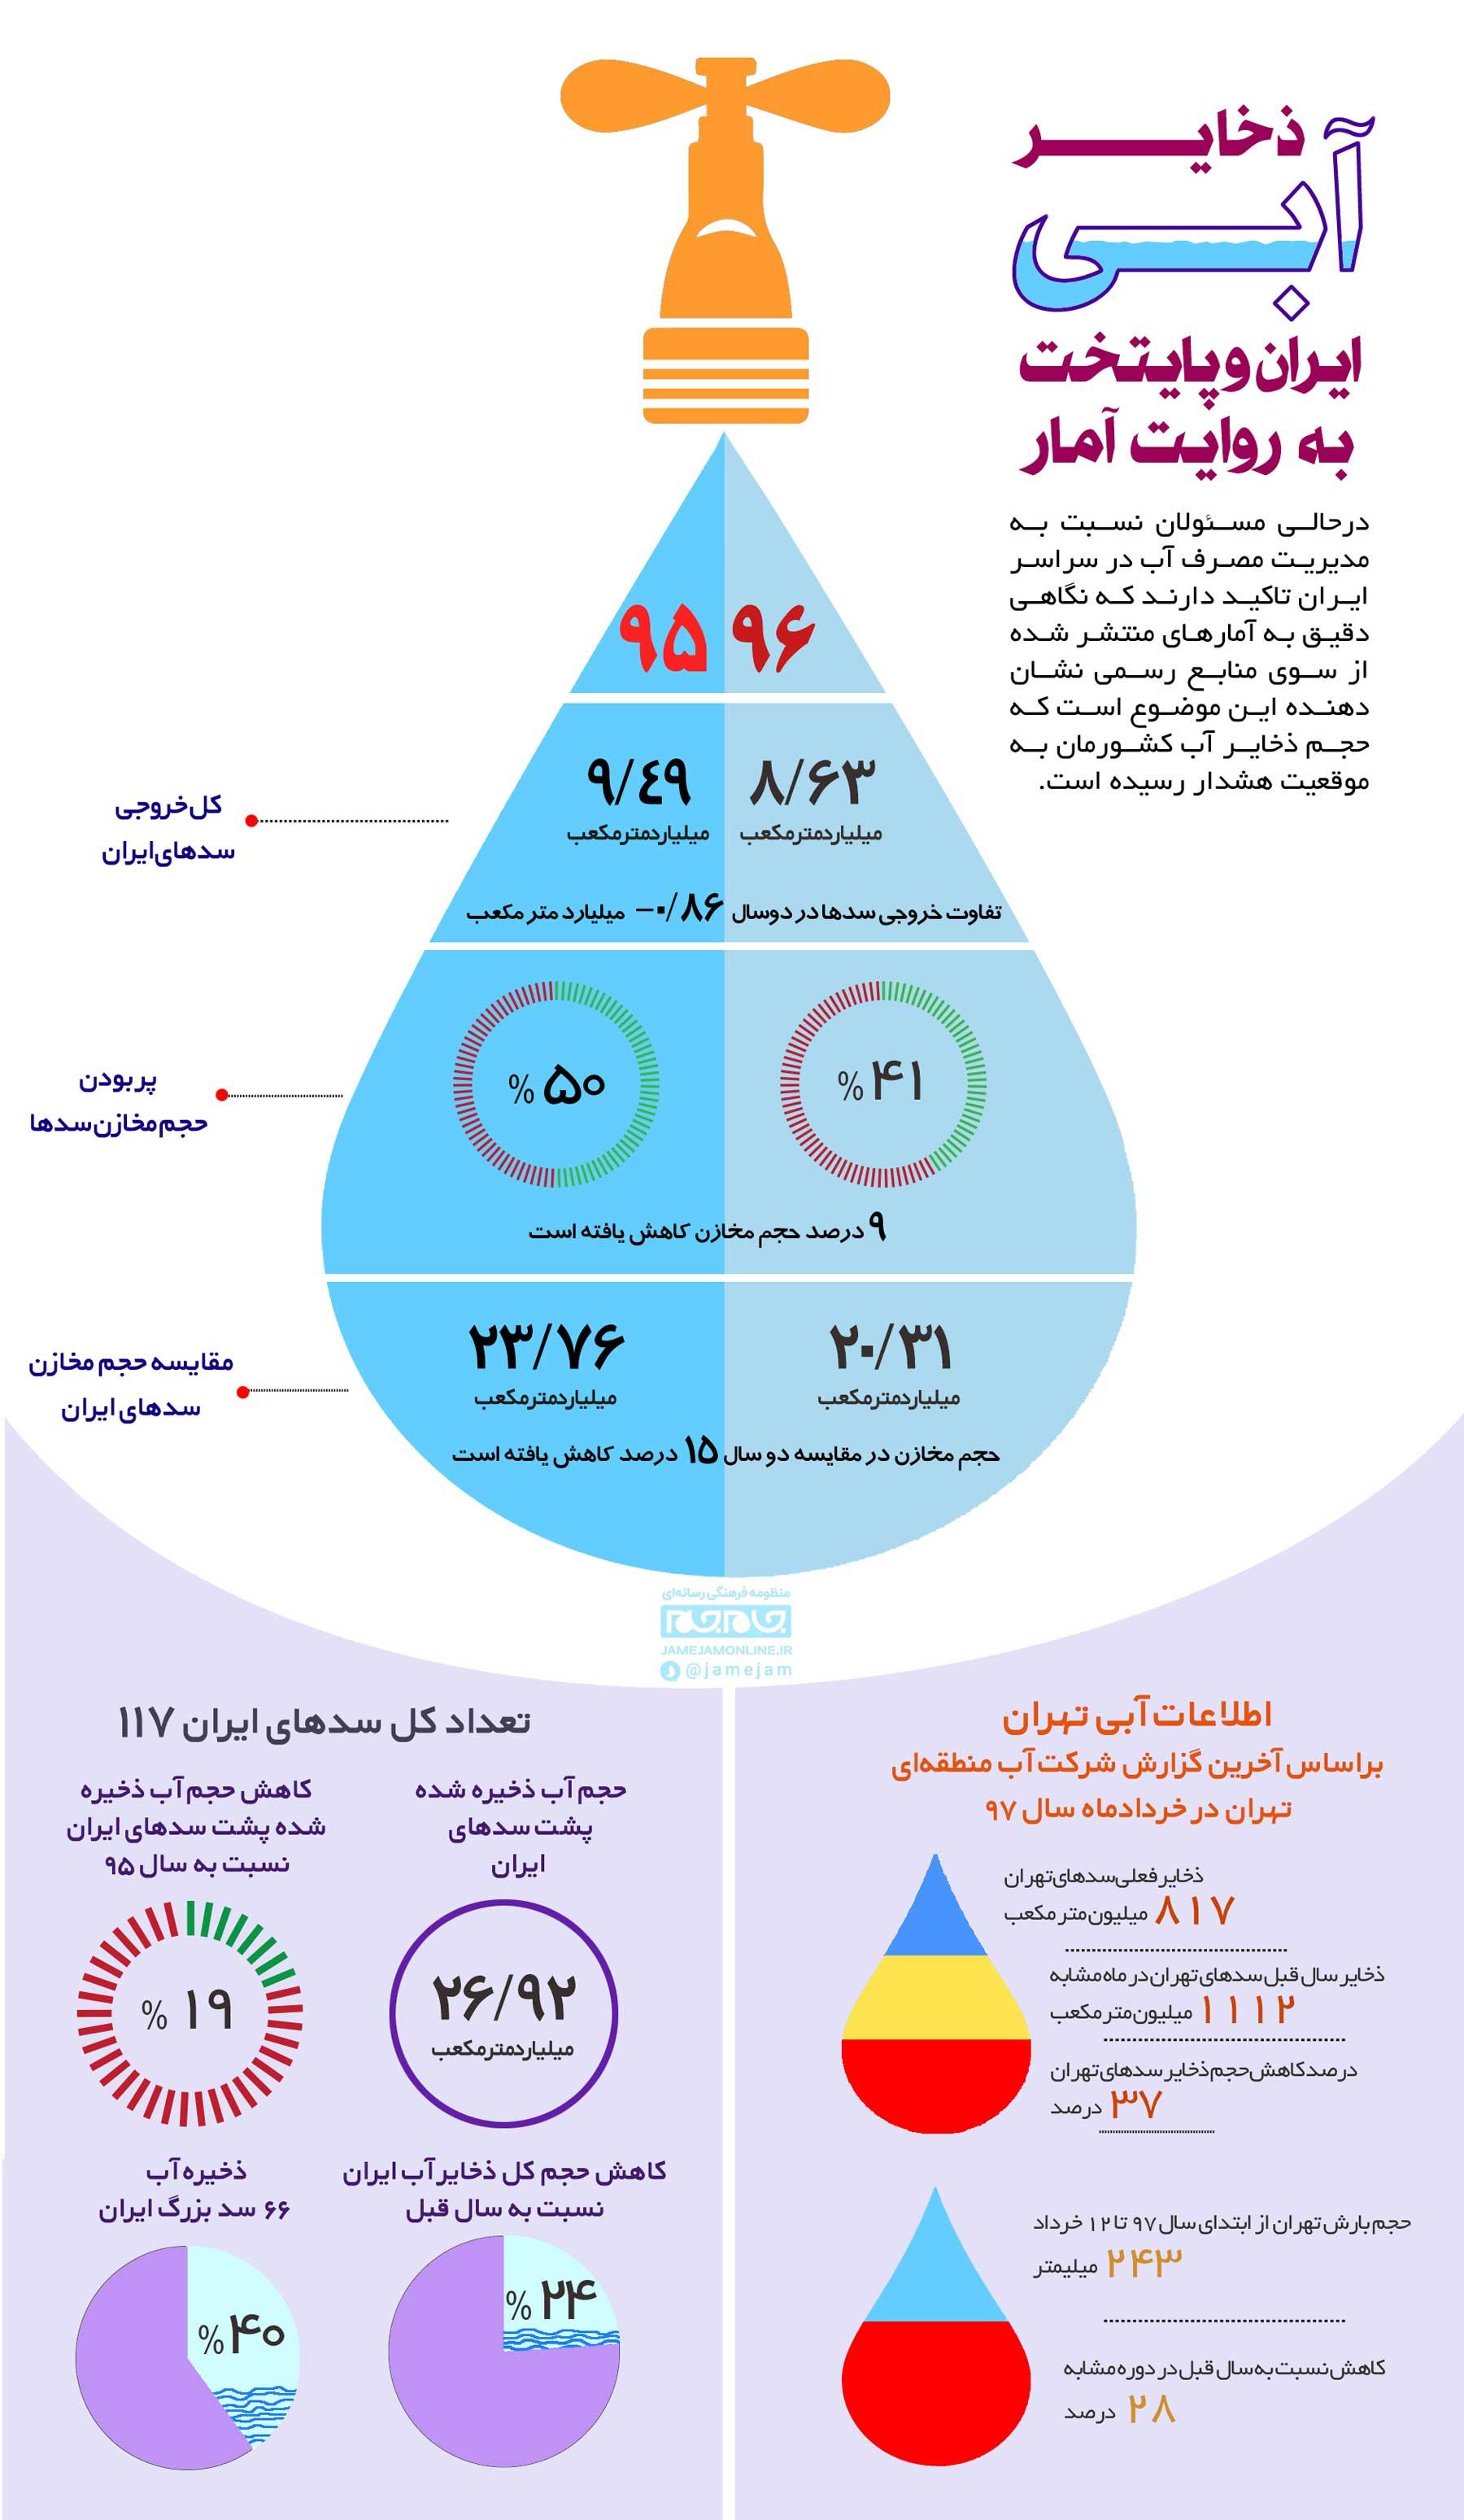 ذخایر آبی ایران و پایتخت چقدر است؟+ اینفوگرافیک